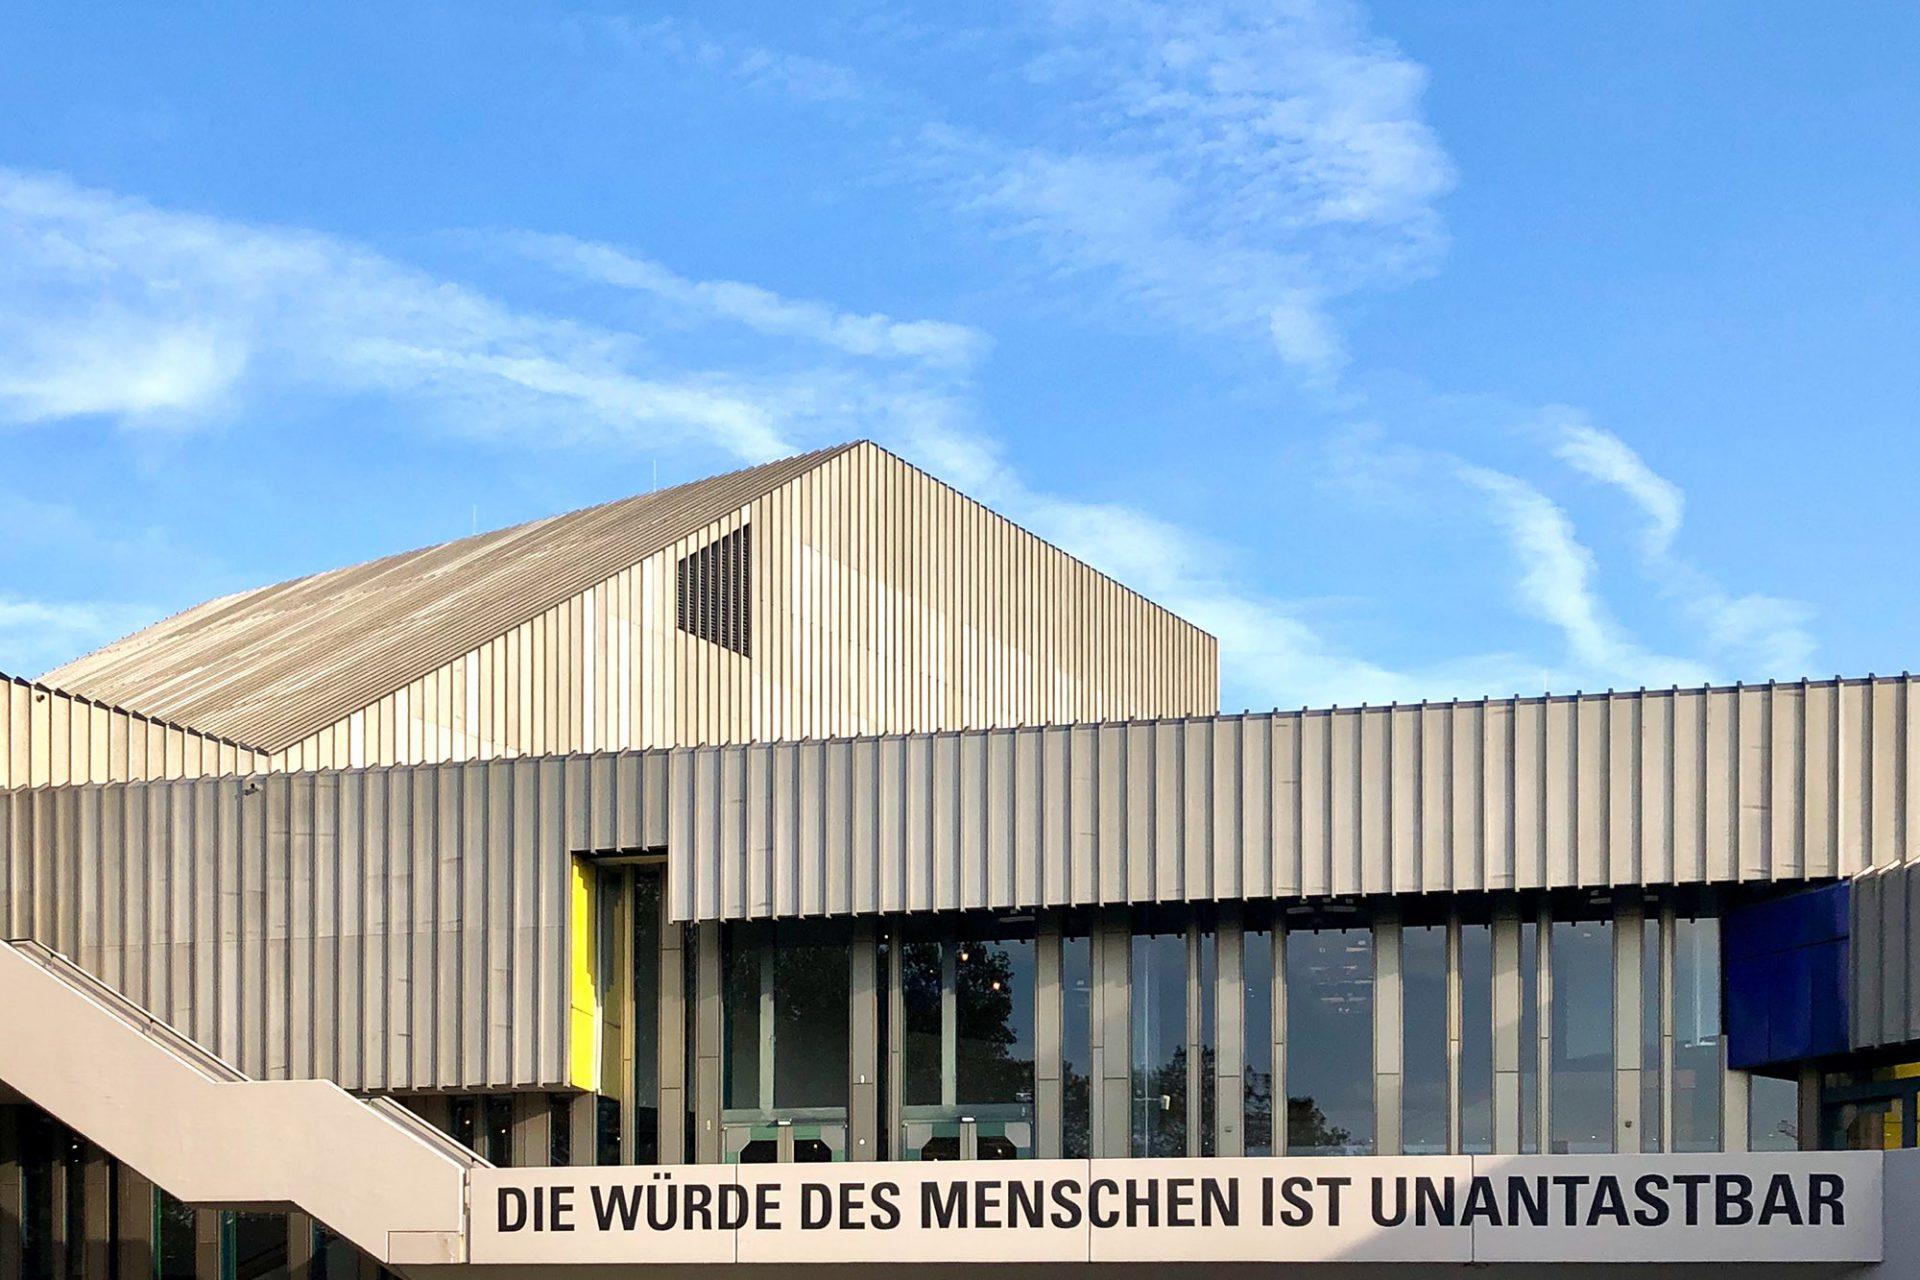 Badisches Staatstheater. Nach über 40-jähriger Nutzung wird das Staatstheater umfangreich saniert und erweitert. Die Generalsanierung umfasst den barrierefreien Umbau, die zeitgemäße Anpassung der Werkstätten und Büros. Der Neubau eines Schauspielhauses mit Kinder- und Jugendtheater ist Teil der Arbeiten. Die Pläne stammen vom Wiener Büro Delugan Meissl, die mit dem Büro Wenzel + Wenzel aus Karlsruhe kooperieren. Es gibt drei Bauabschnitte mit dem voraussichtlichen Abschluss 2030.